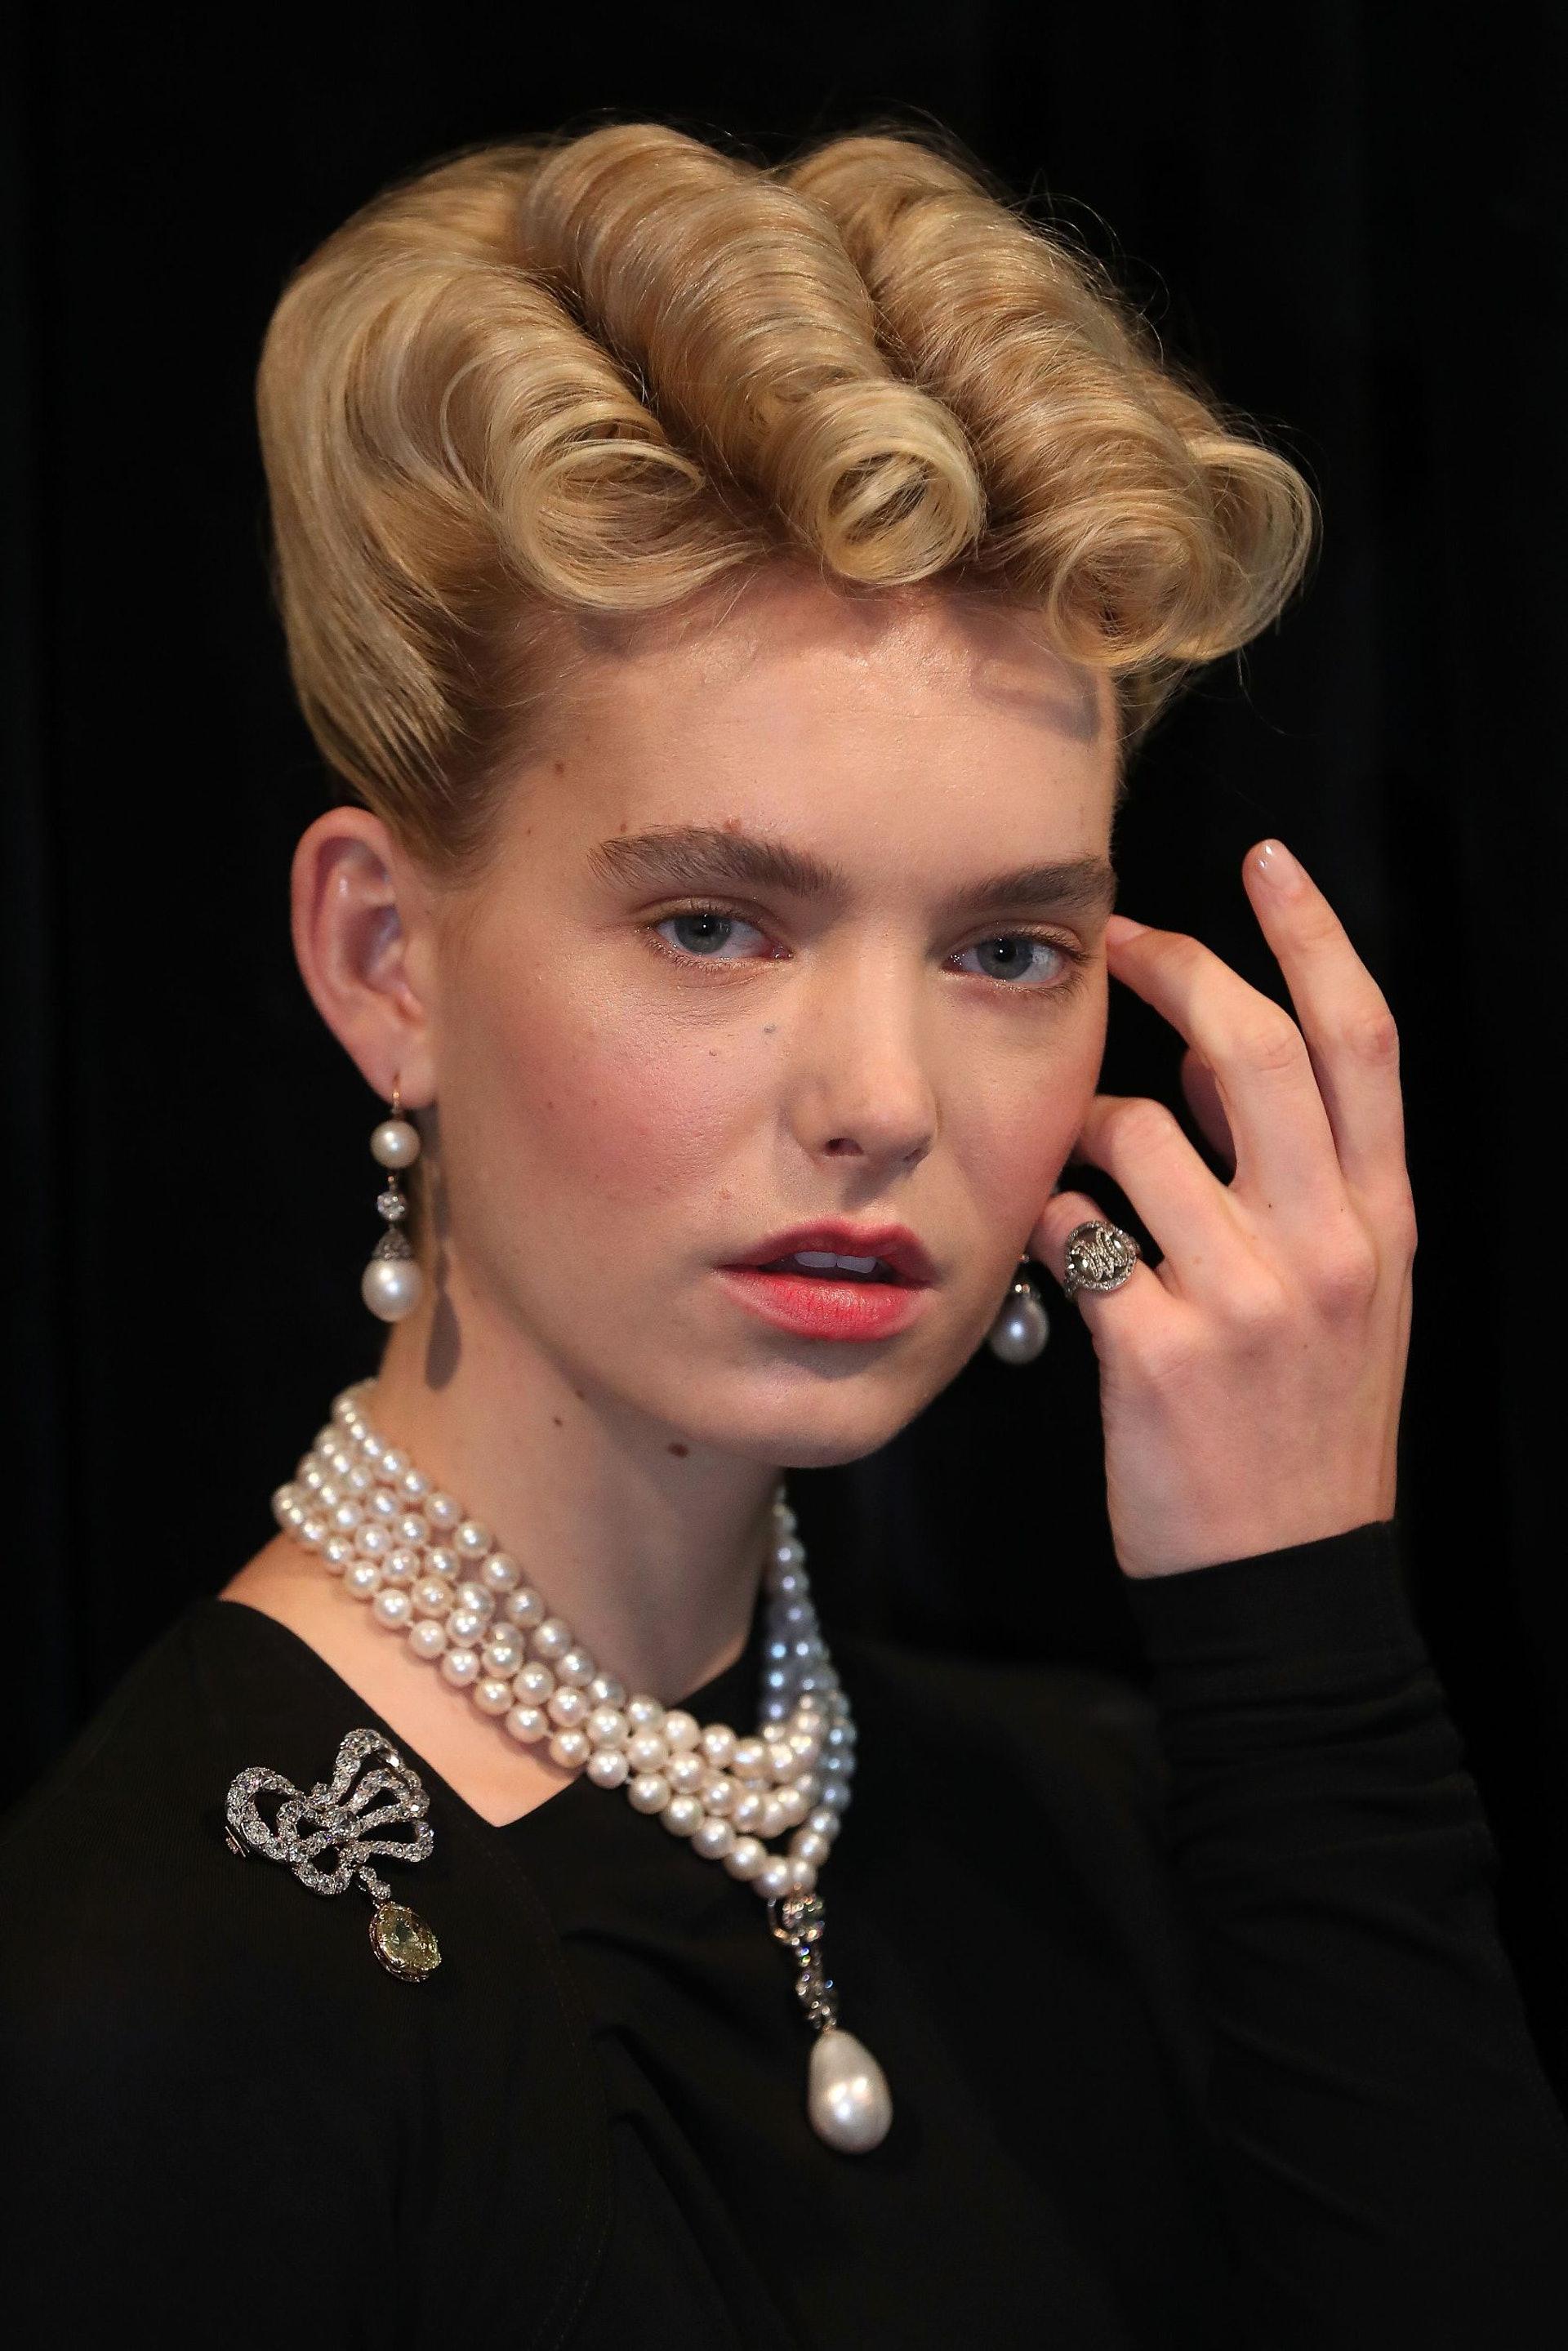 瑞士日內瓦當地時間2018年11月7日,在蘇富比拍賣行即將舉行的「波旁帕爾瑪家族的皇家珠寶」拍賣會預展上,一名模特兒展示曾經屬於法國瑪麗王后的各式珠寶,包括耳環、戒指、項鍊和胸針。(視覺中國)